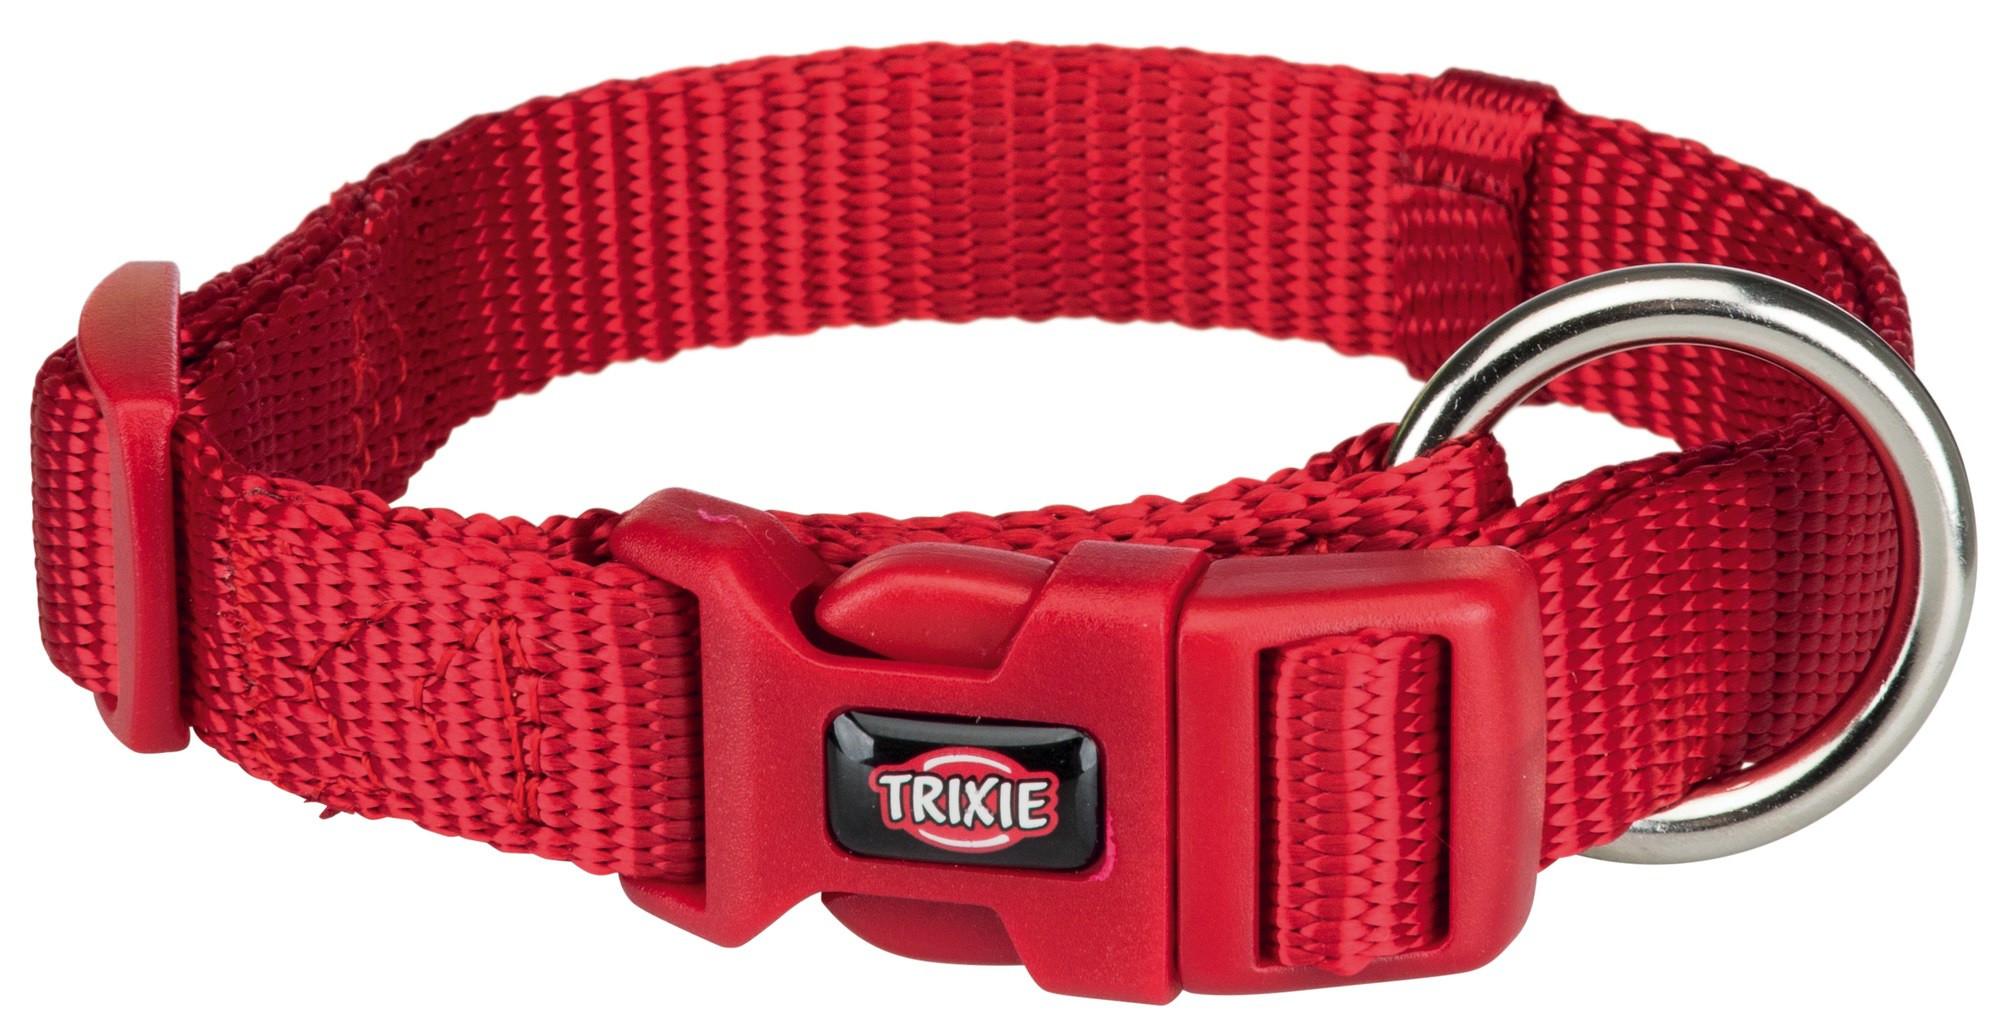 Ошейник для собак TRIXIE Premium, красный, S–M, 30–45см, 15мм